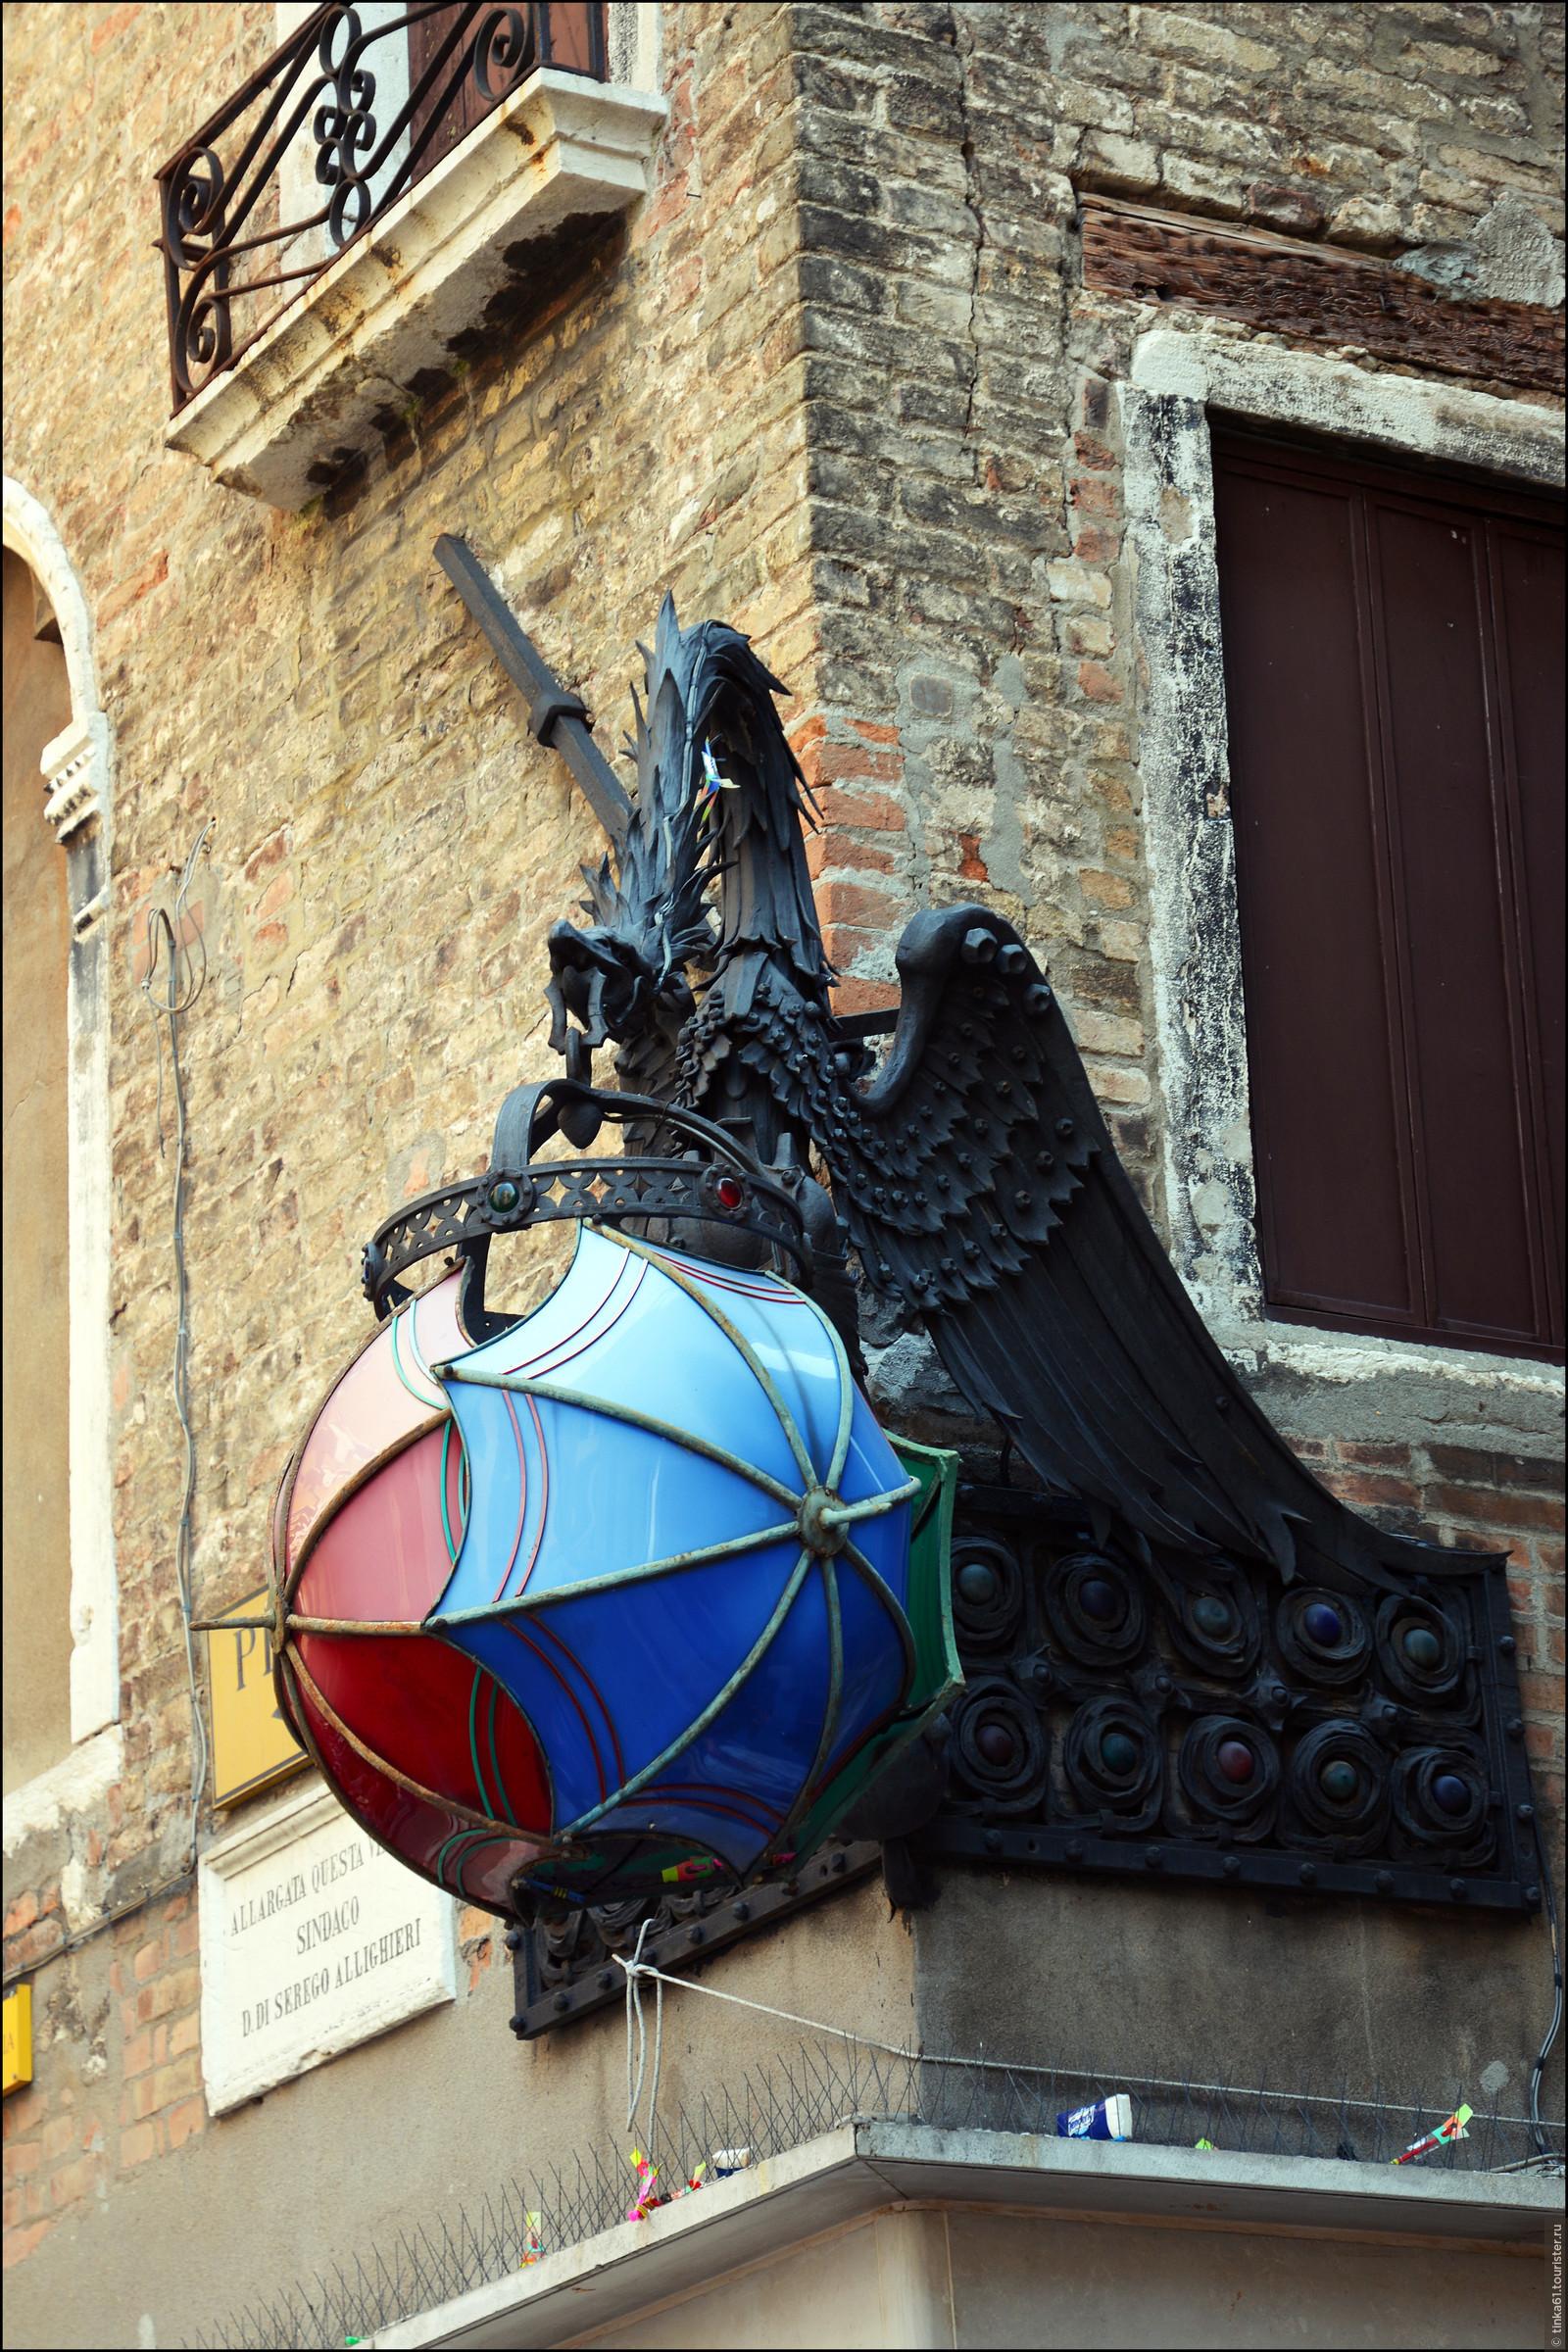 """Фото из альбома """"Венеция. Земля"""", Венеция, Италия"""